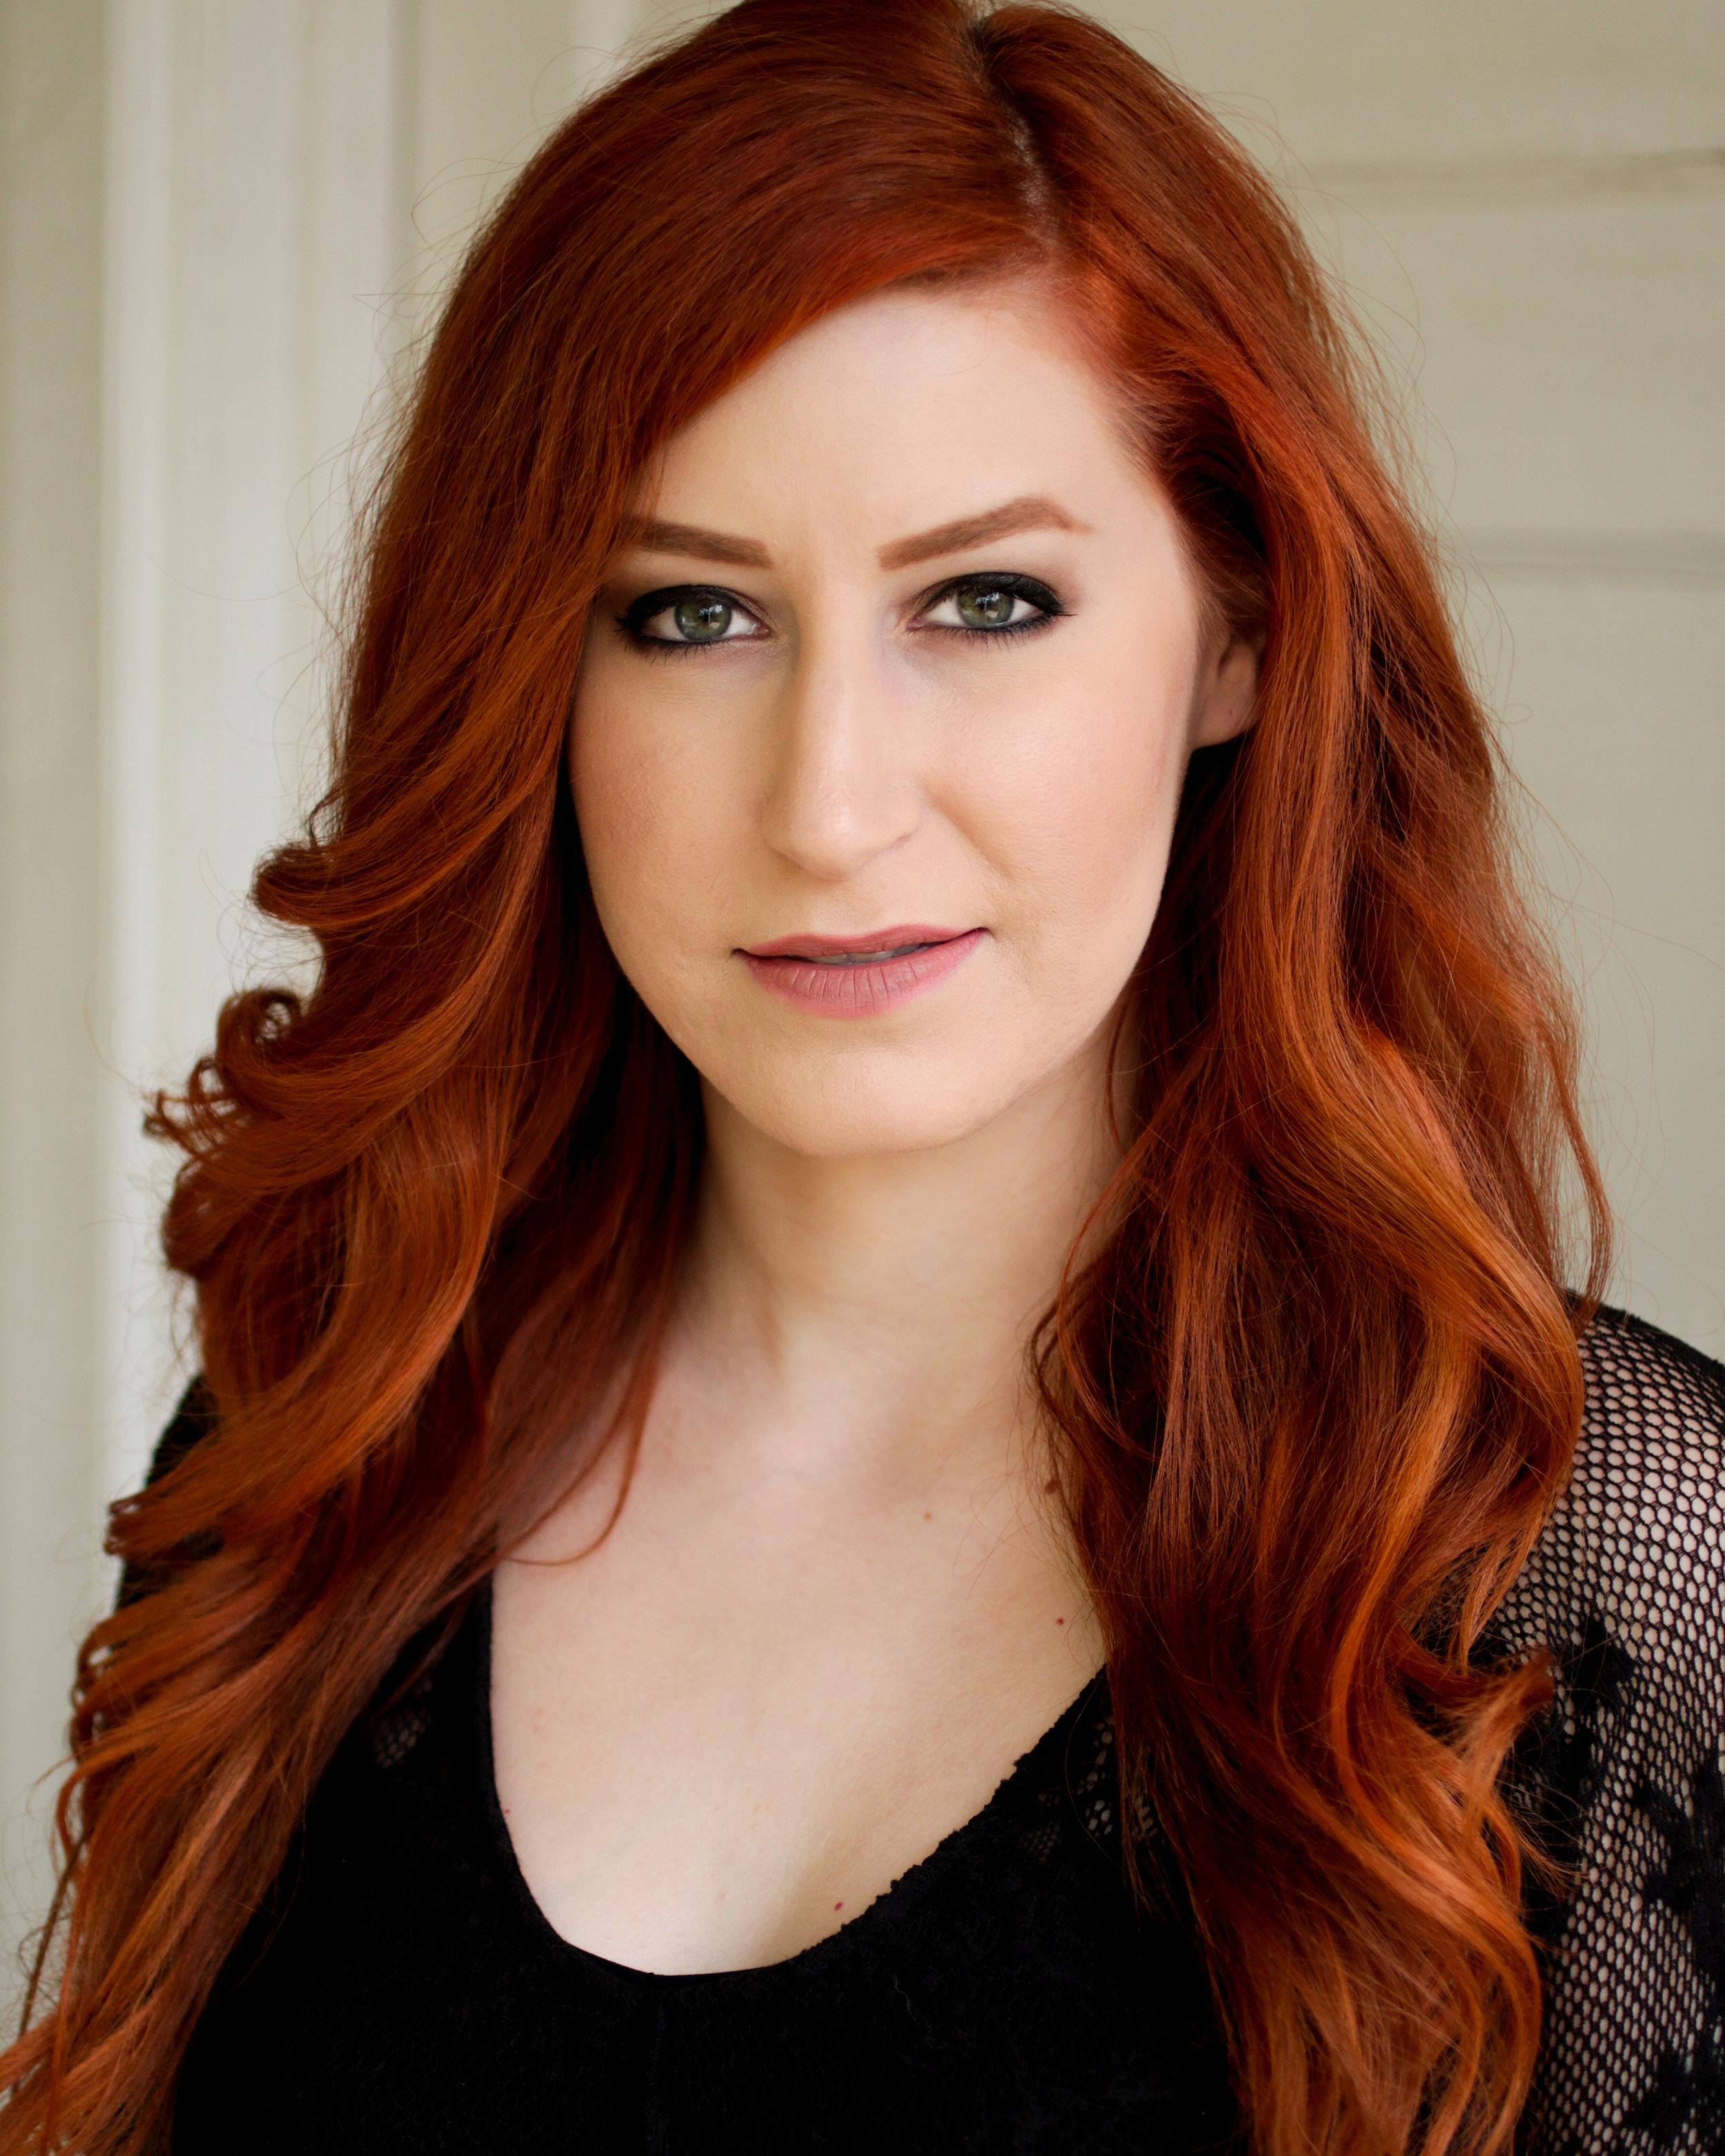 Riley Paige